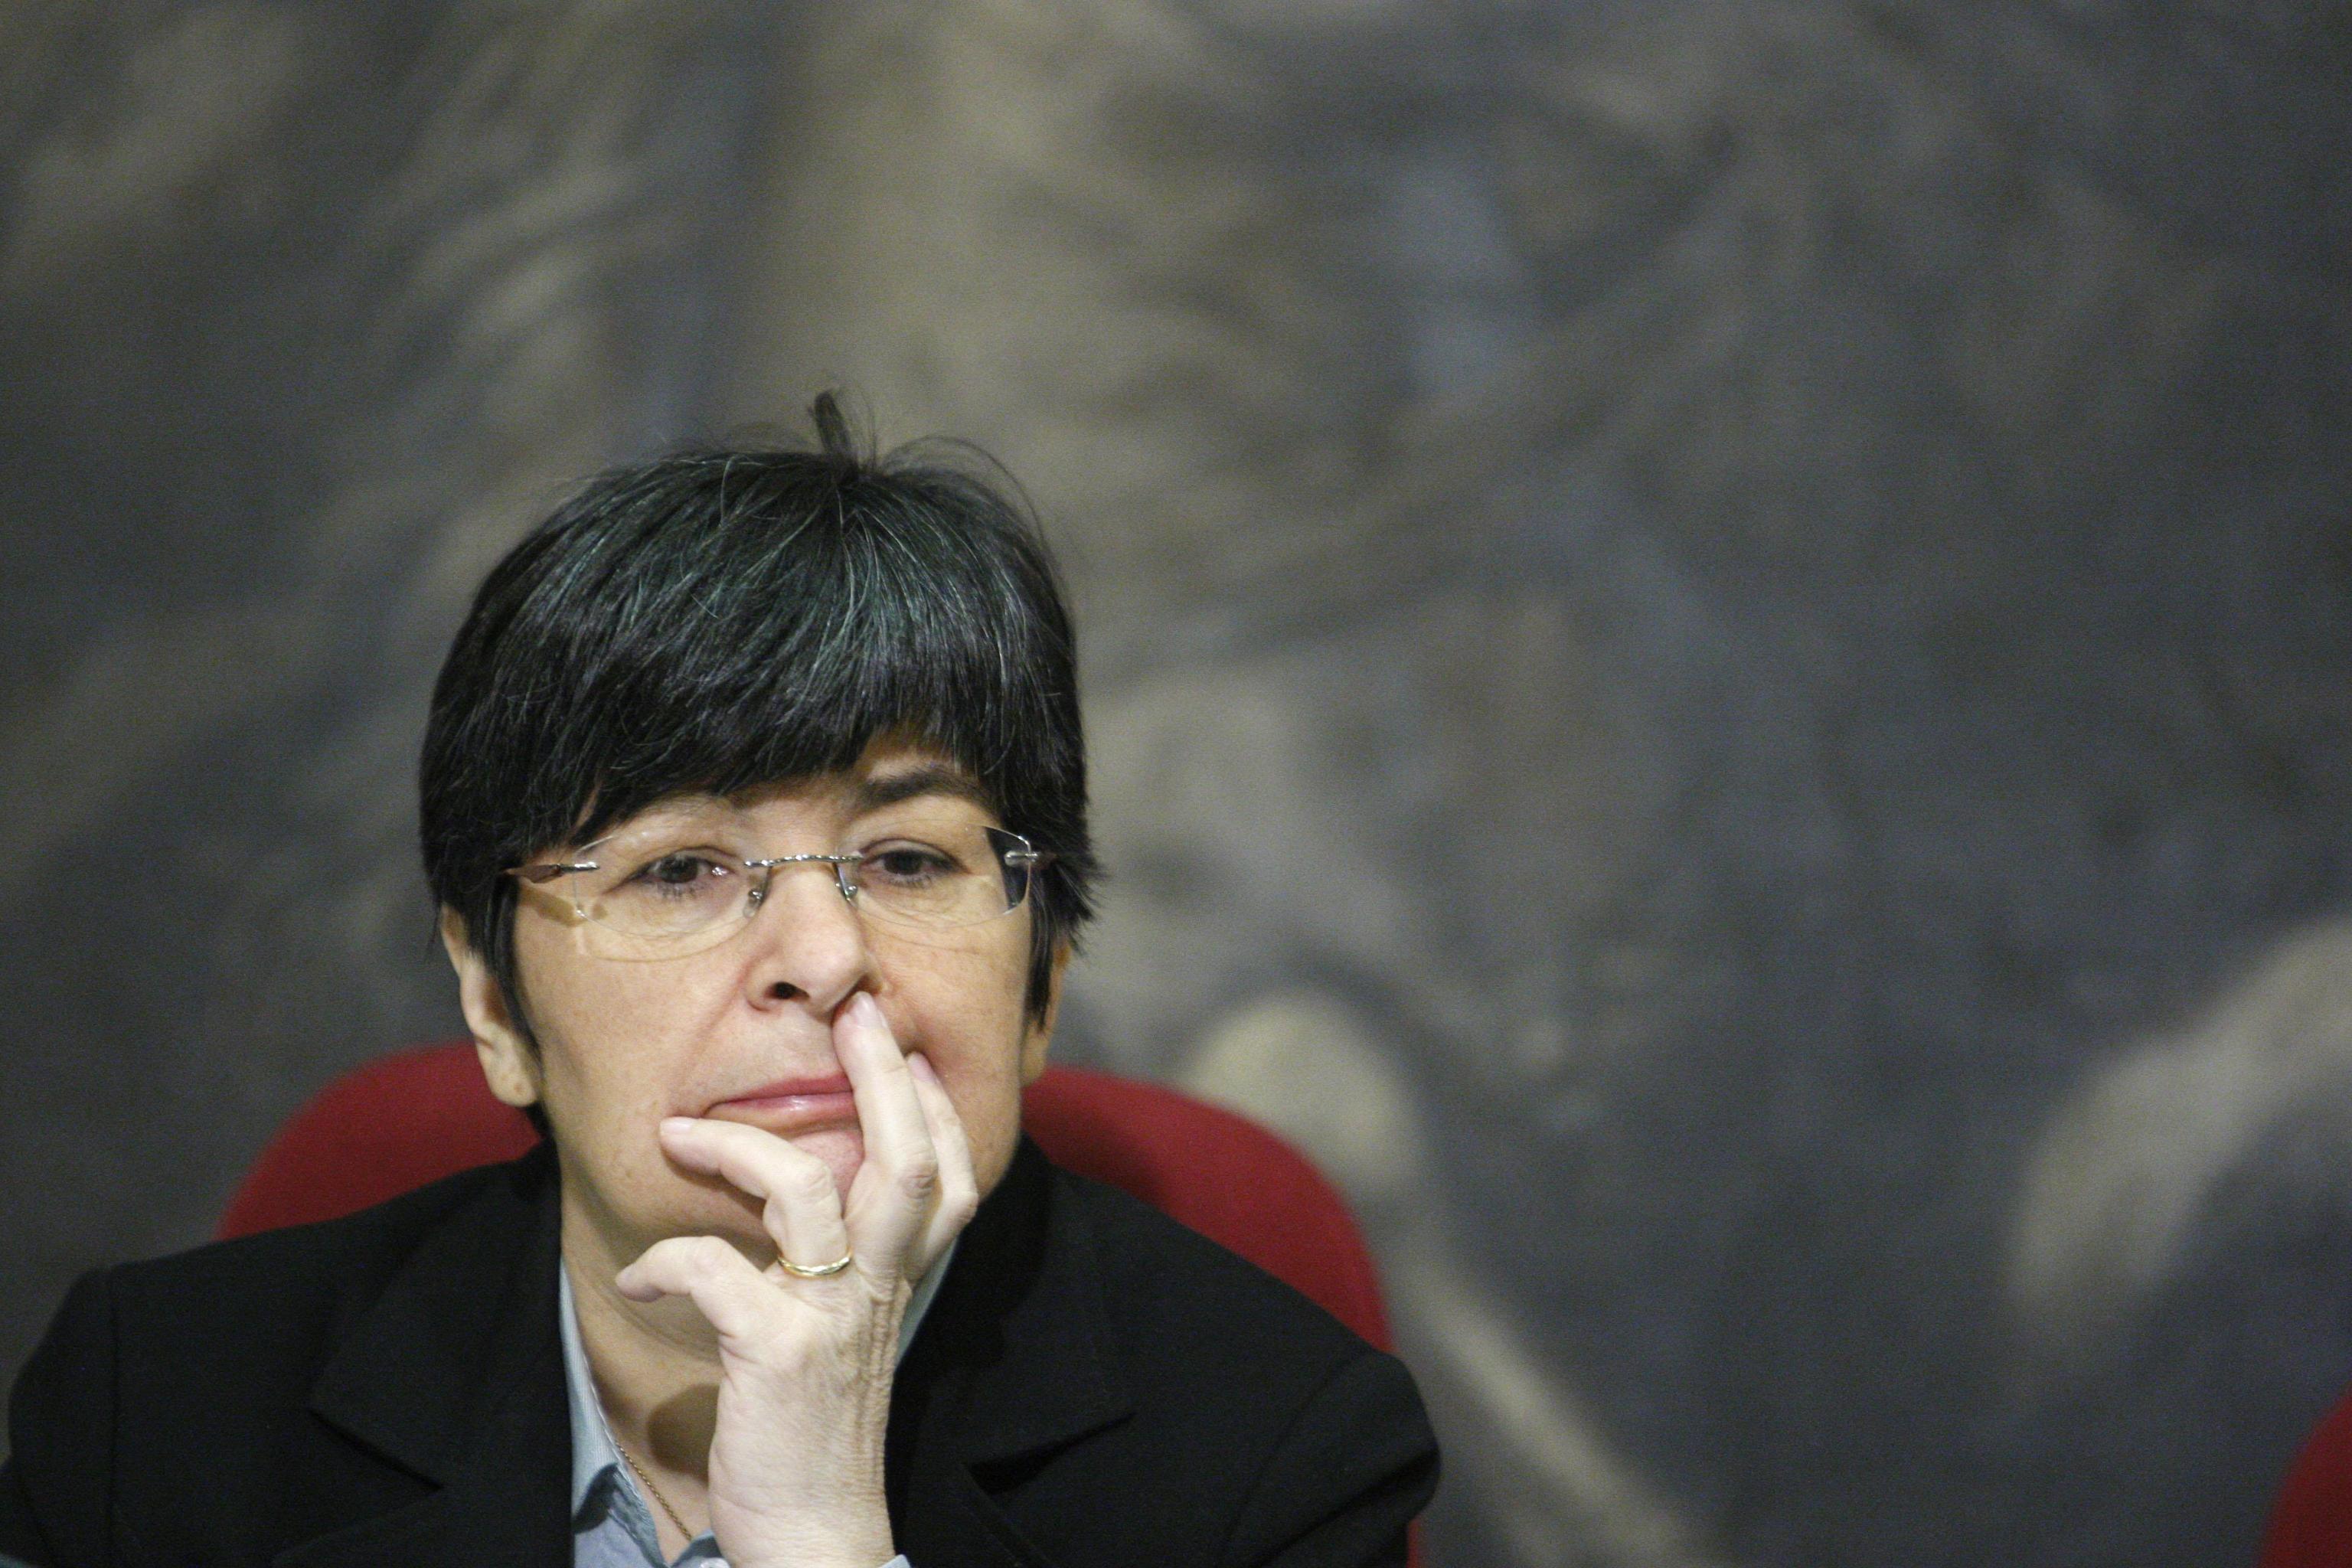 La sottosegretaria del ministero dell'Economia Maria Cecilia Guerra